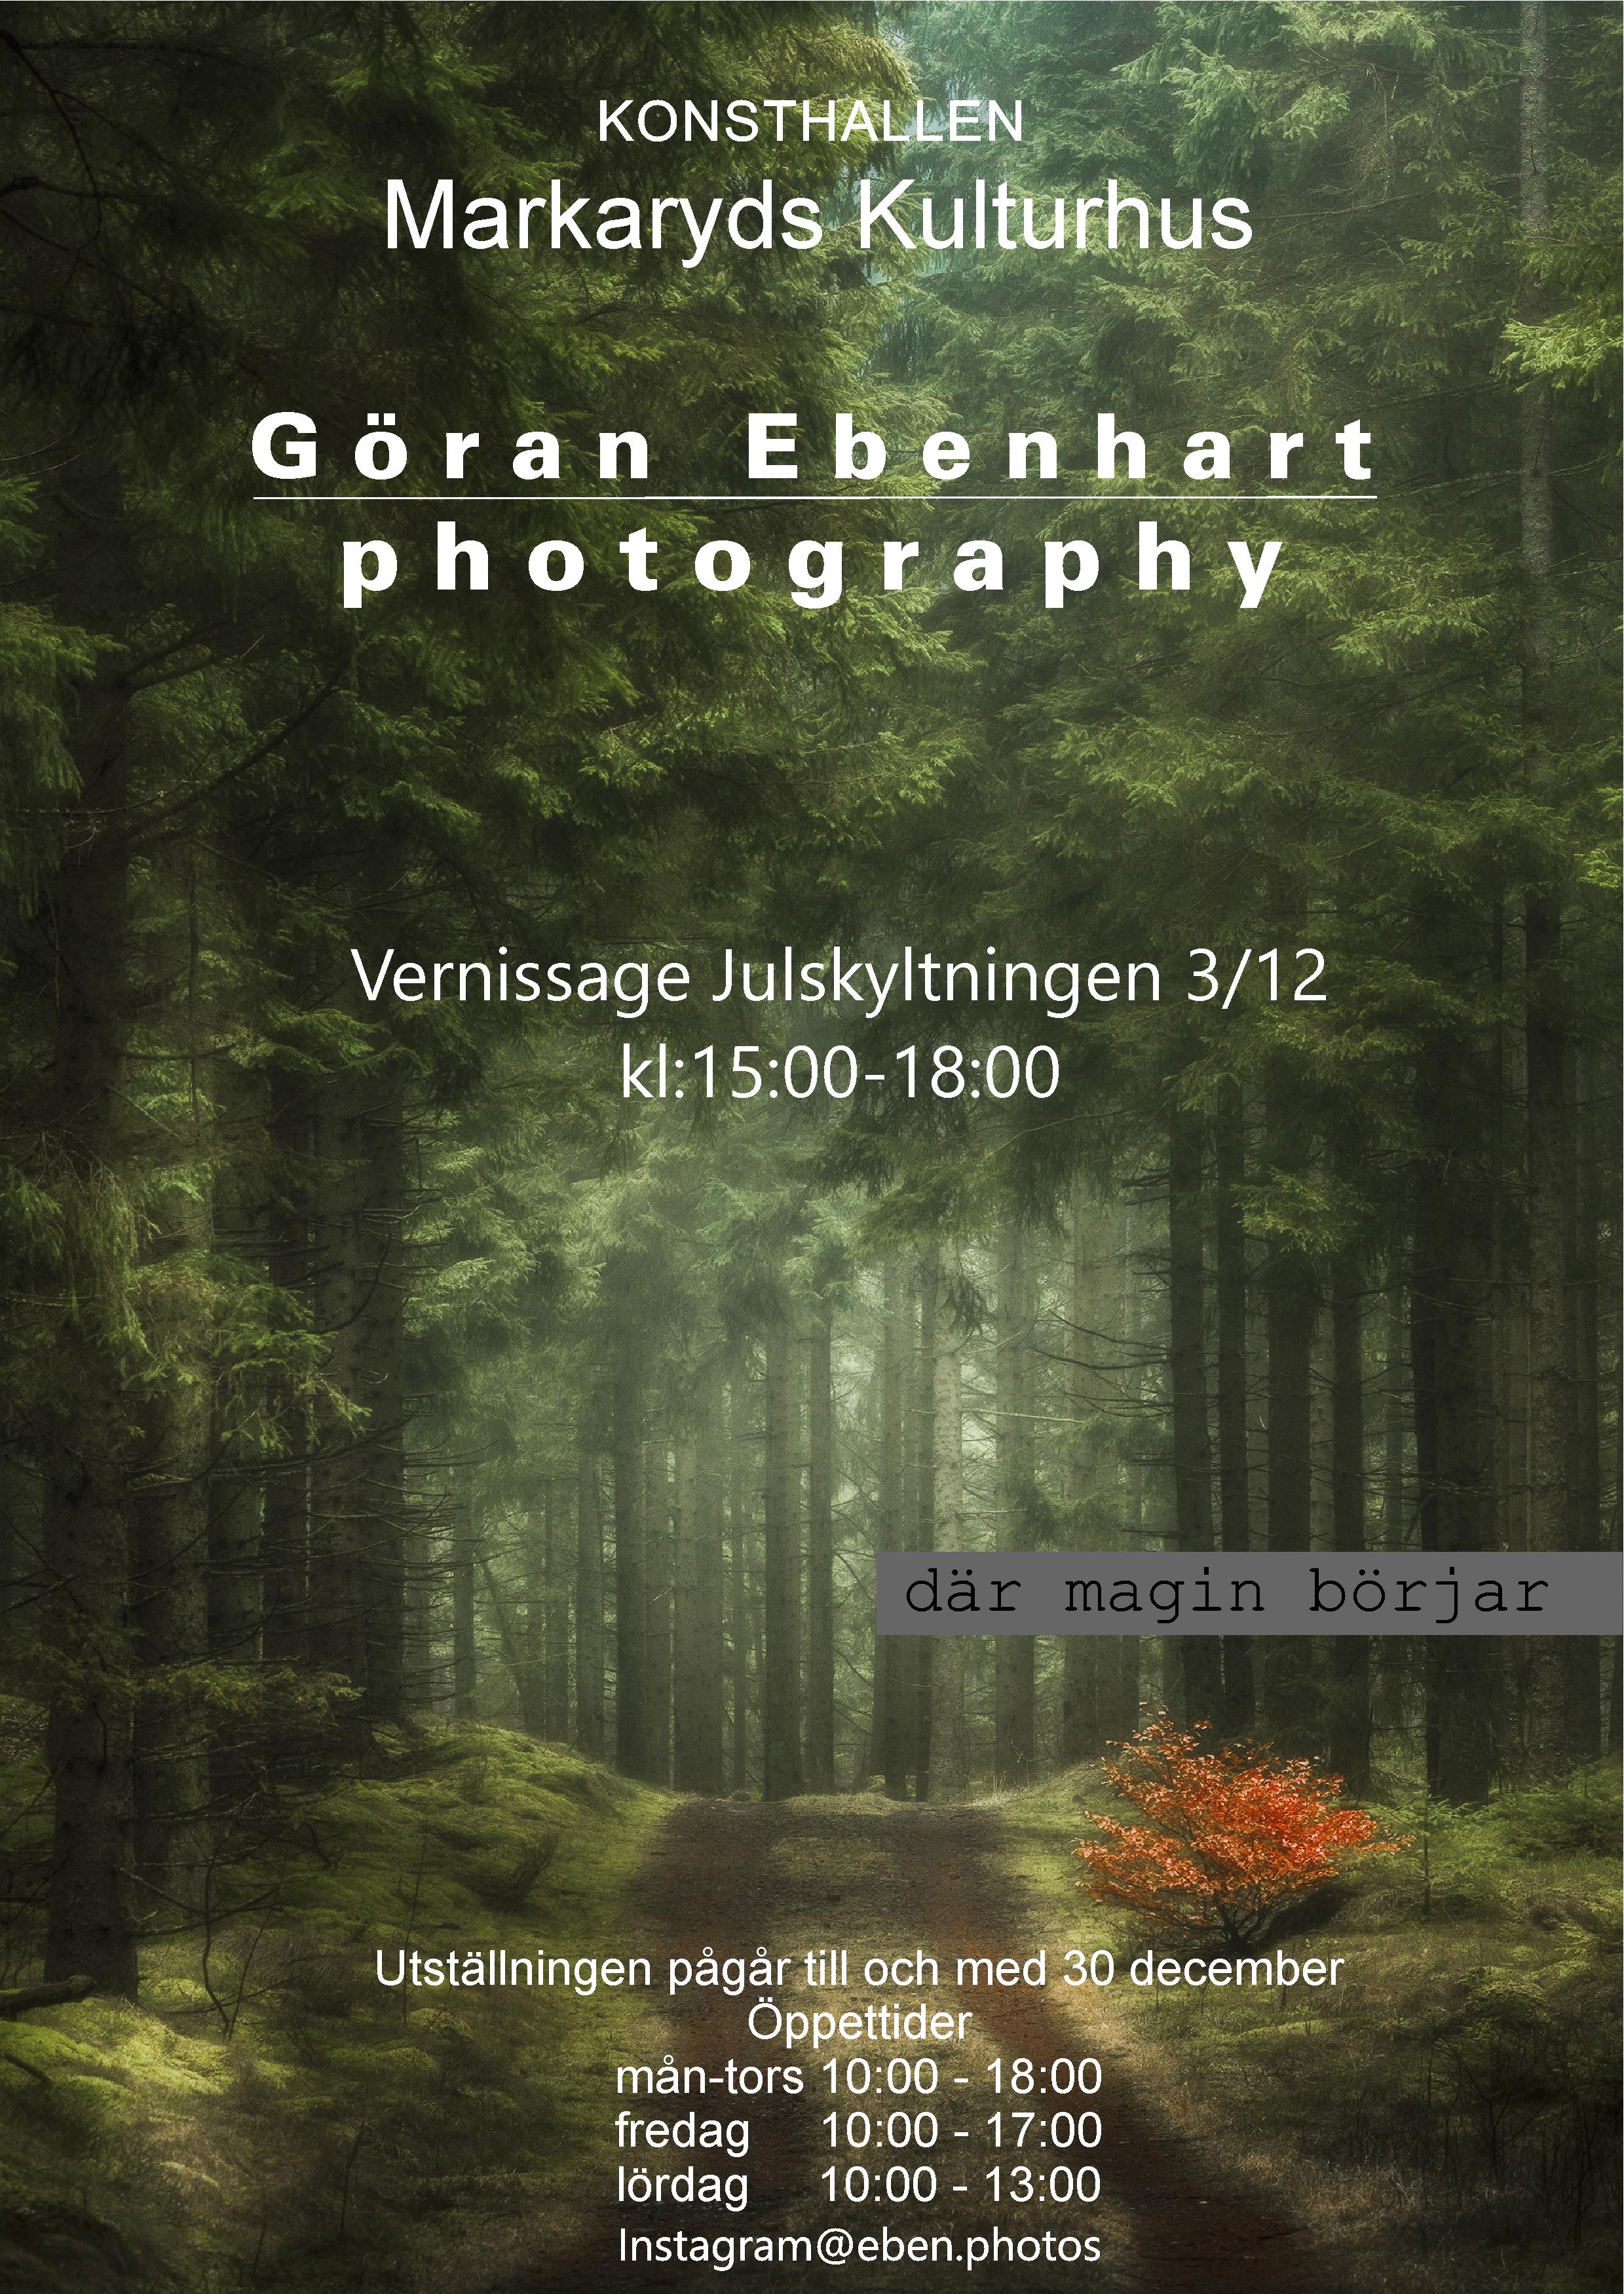 Göran Eberhardt